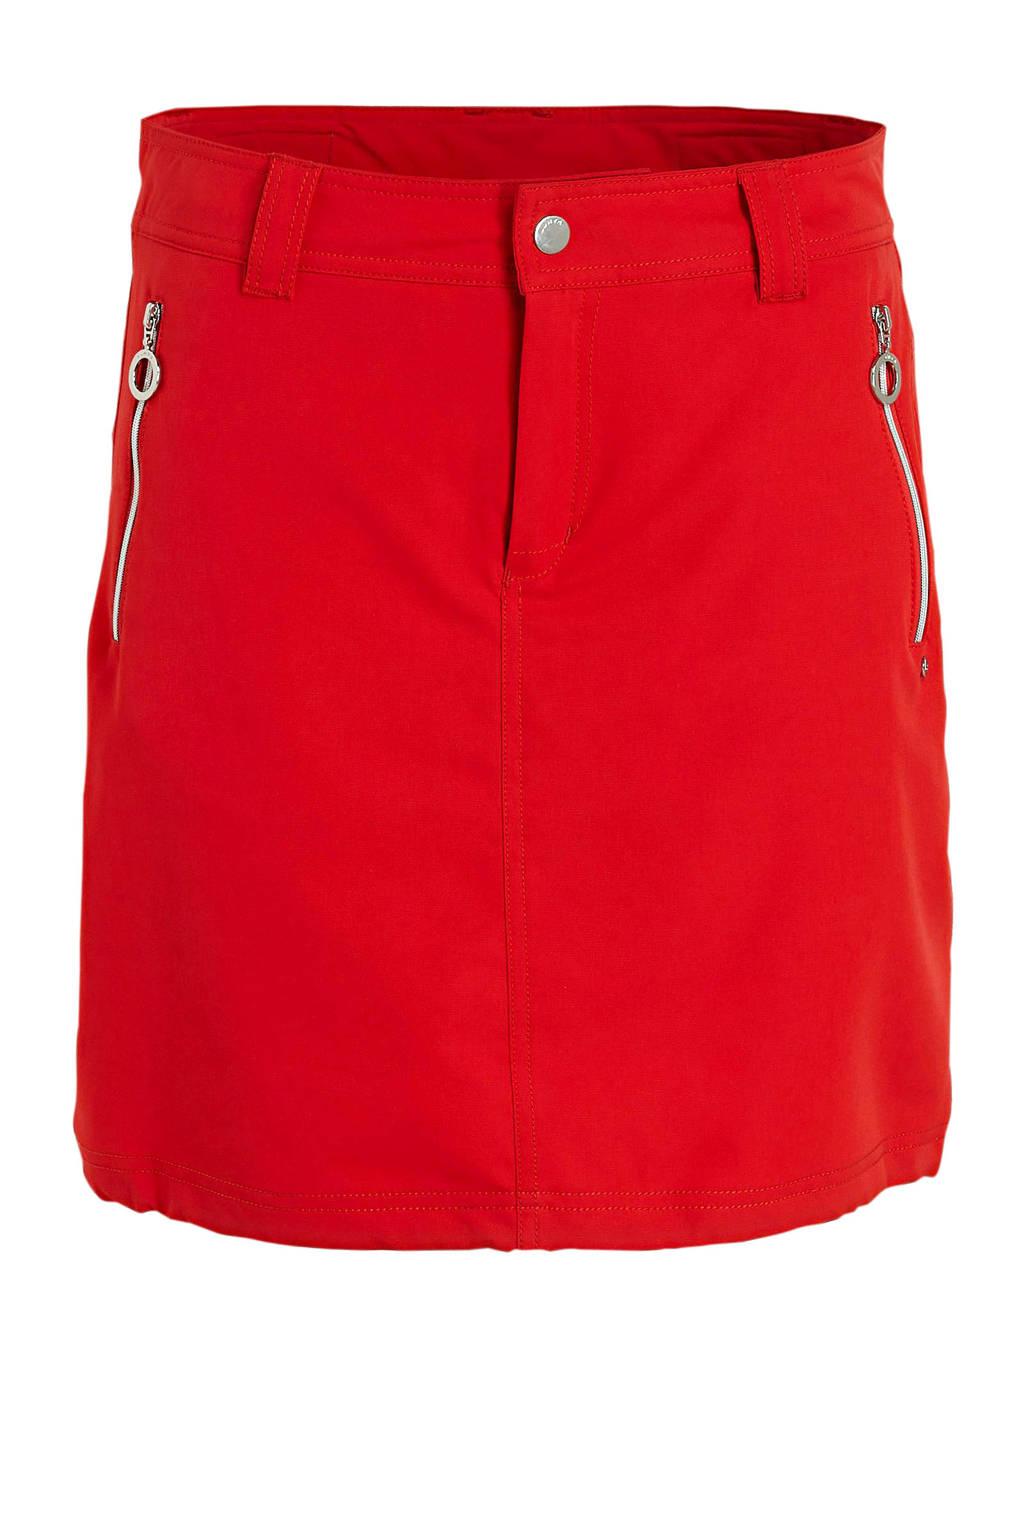 Luhta outdoor rok Ilola rood, Rood